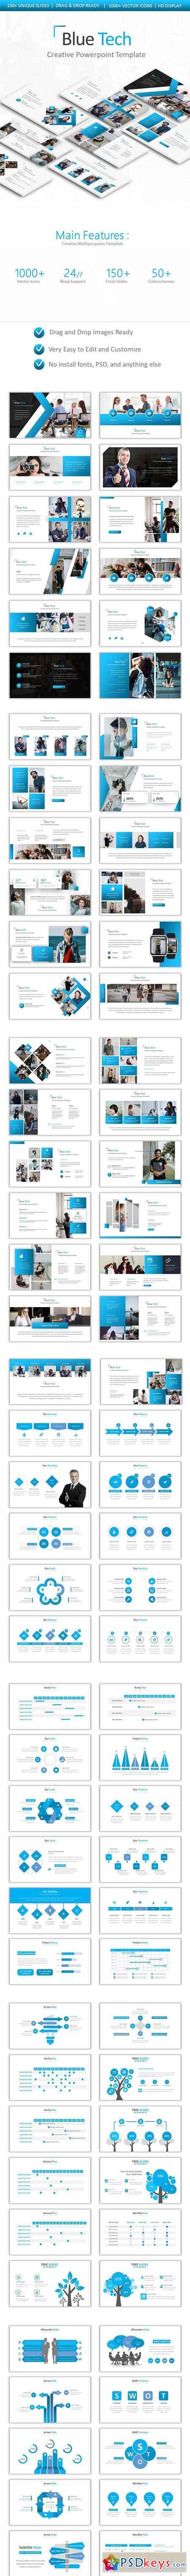 Blue Tech Powerpoint 22875554